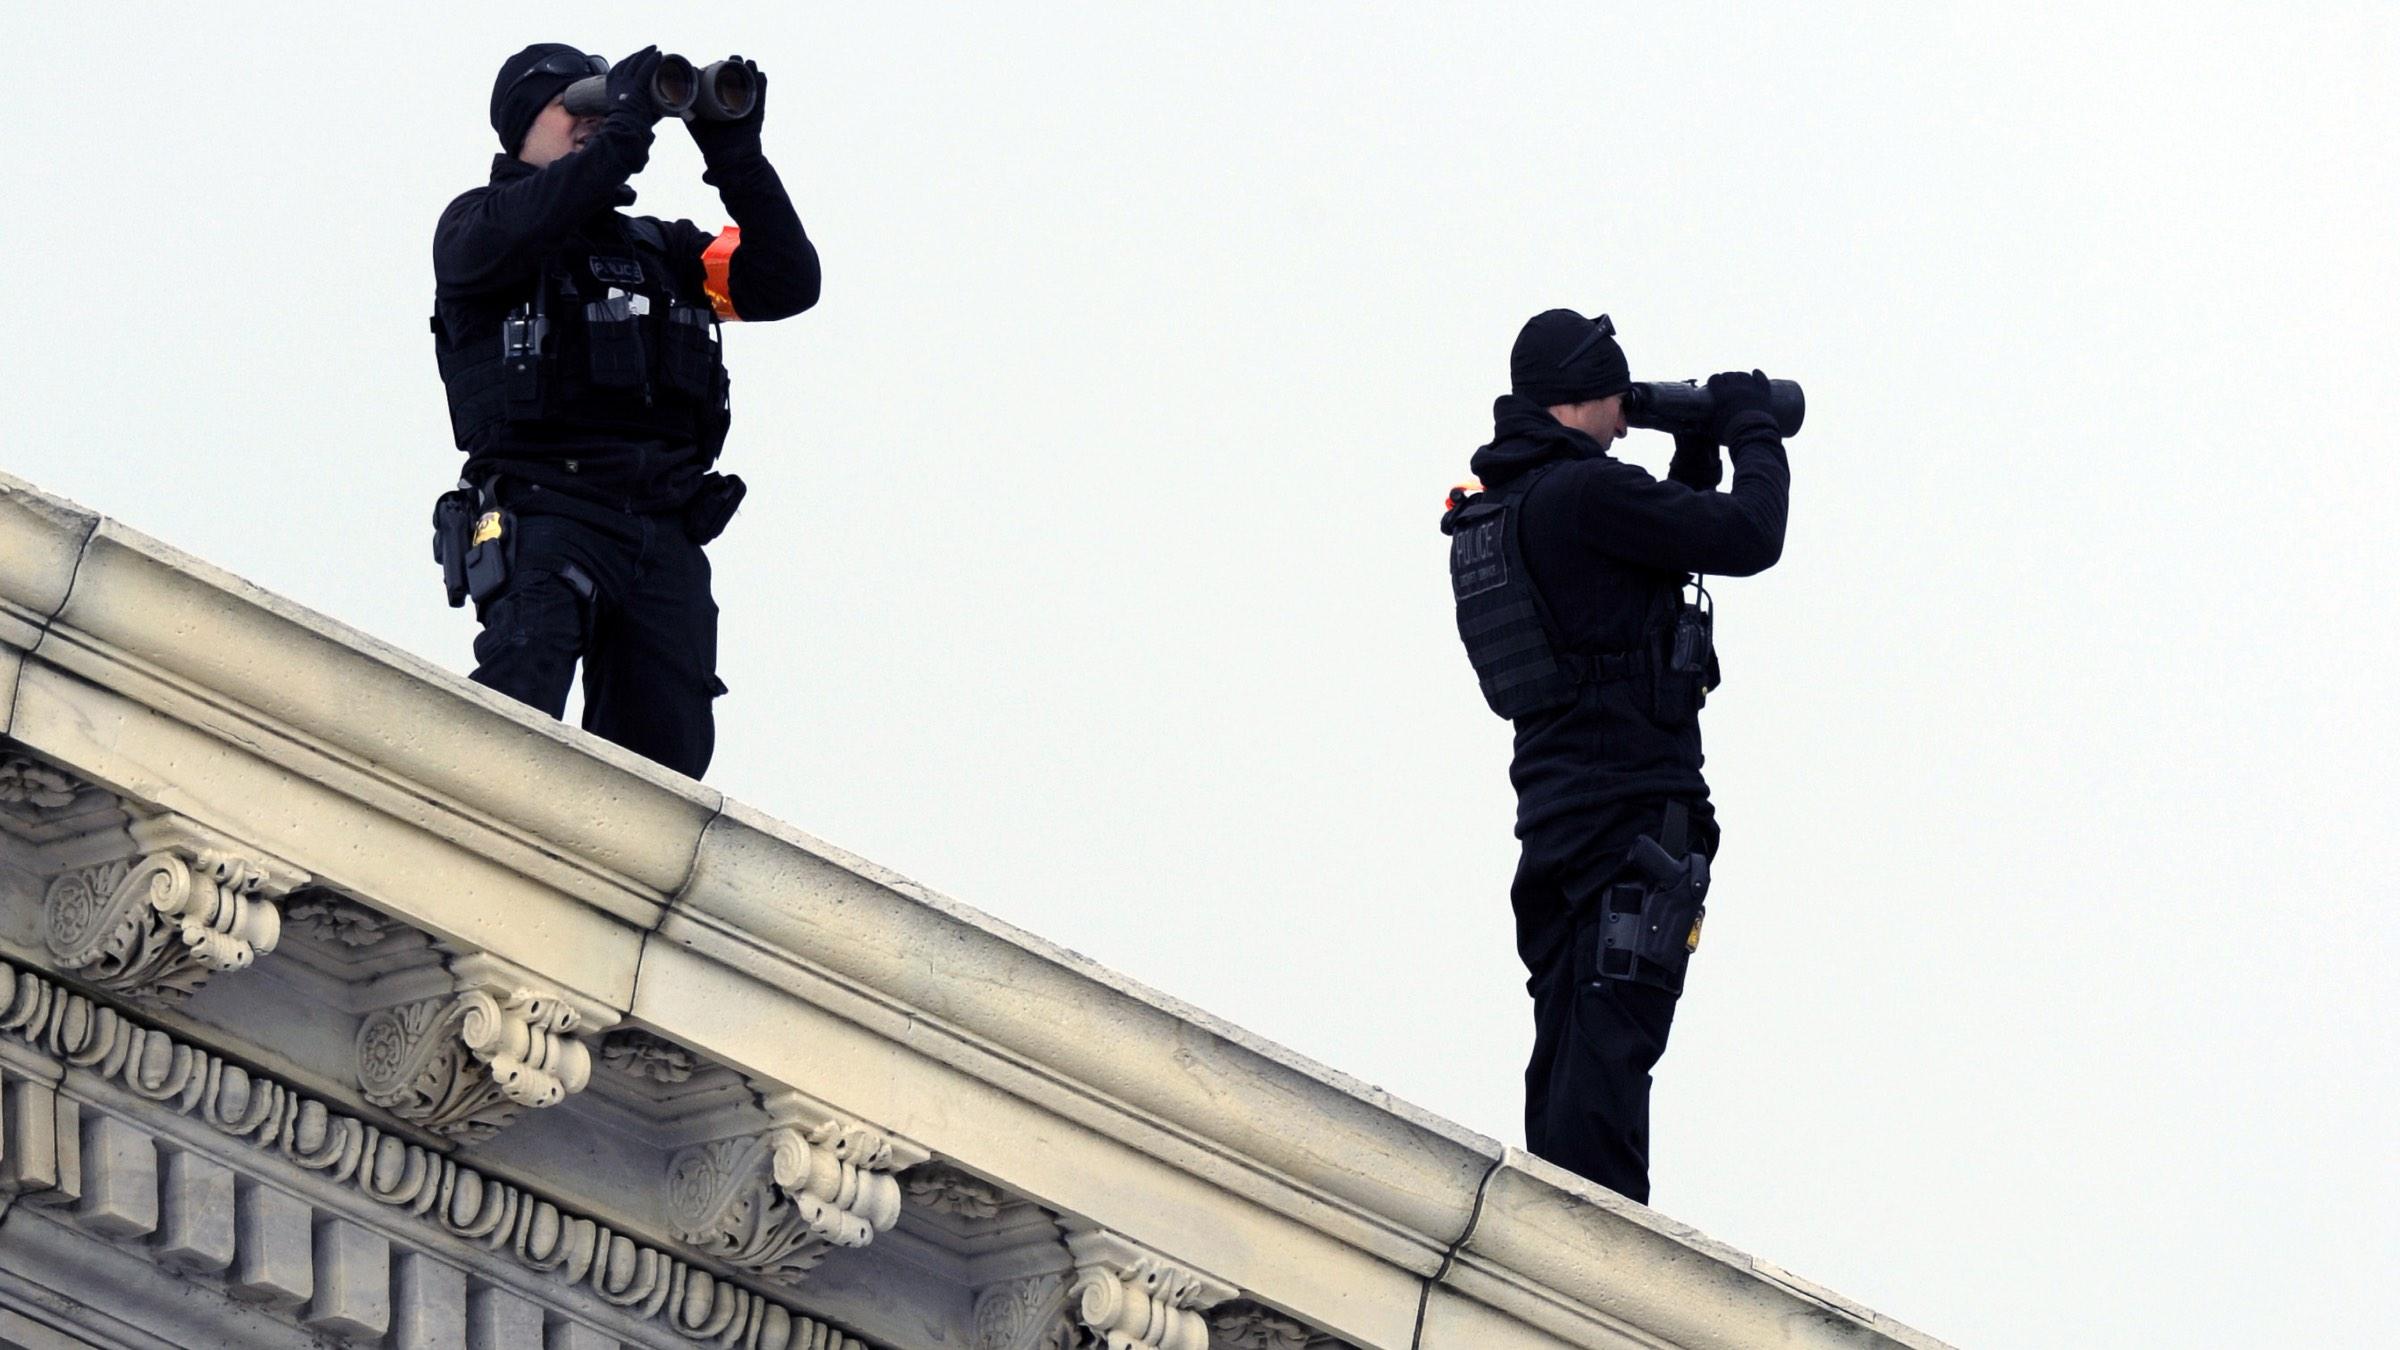 Secret Service security snipers